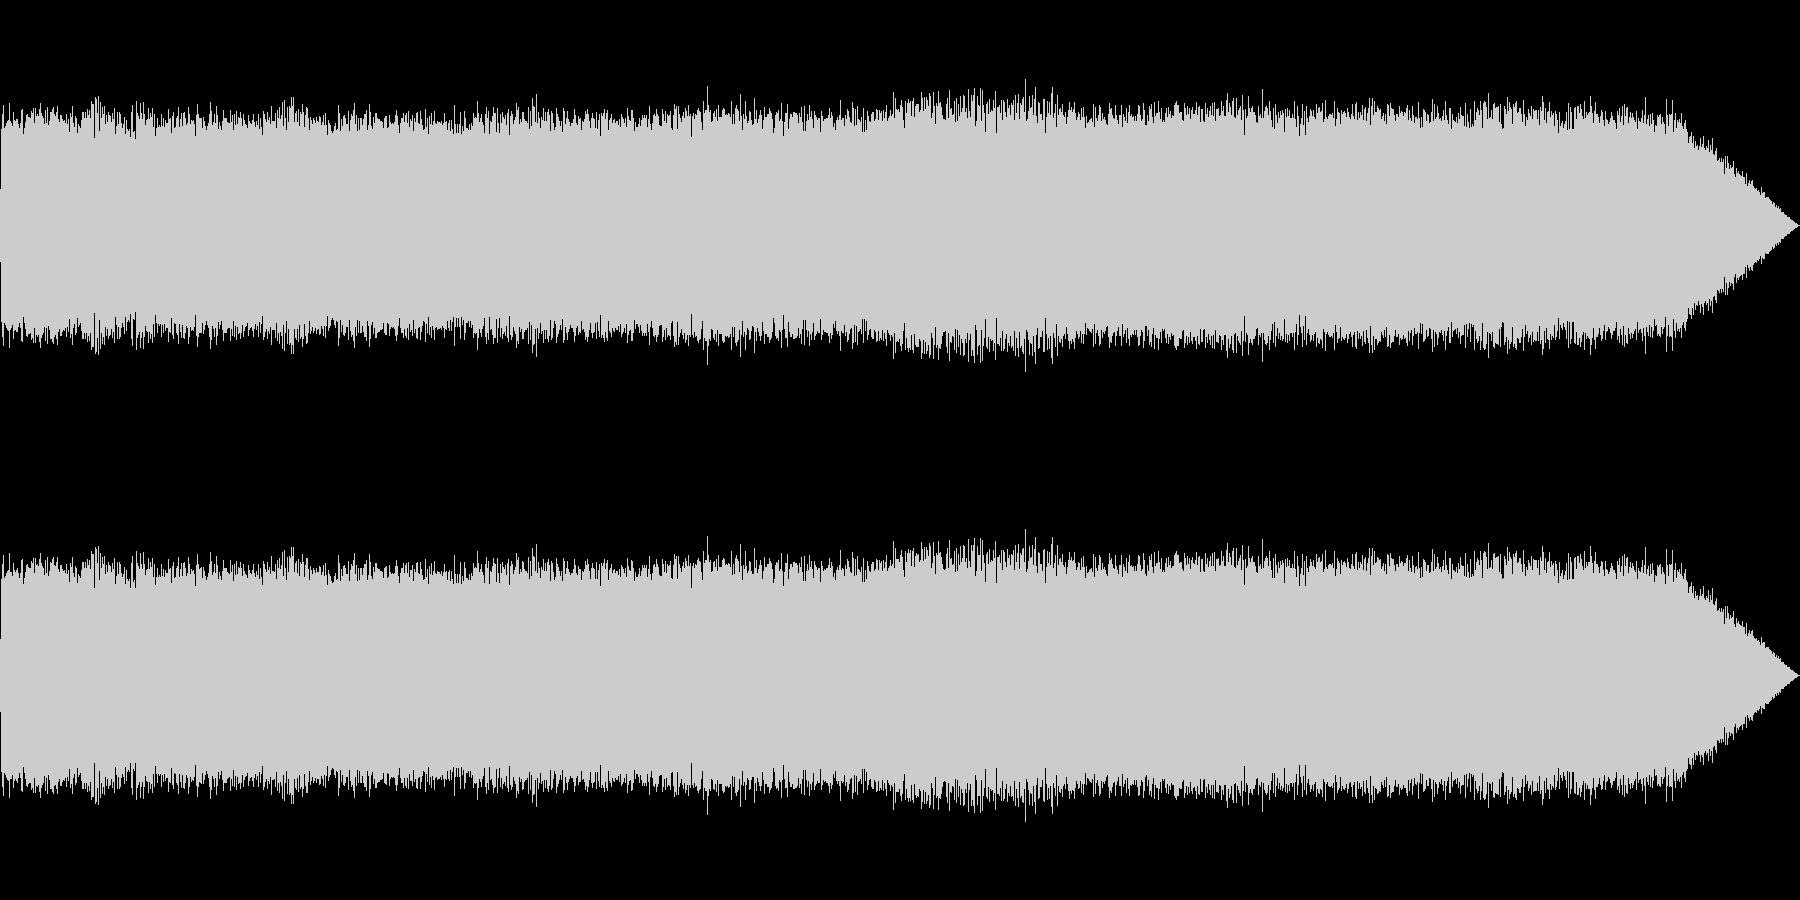 【生録音】ギターアンプノイズ03の未再生の波形